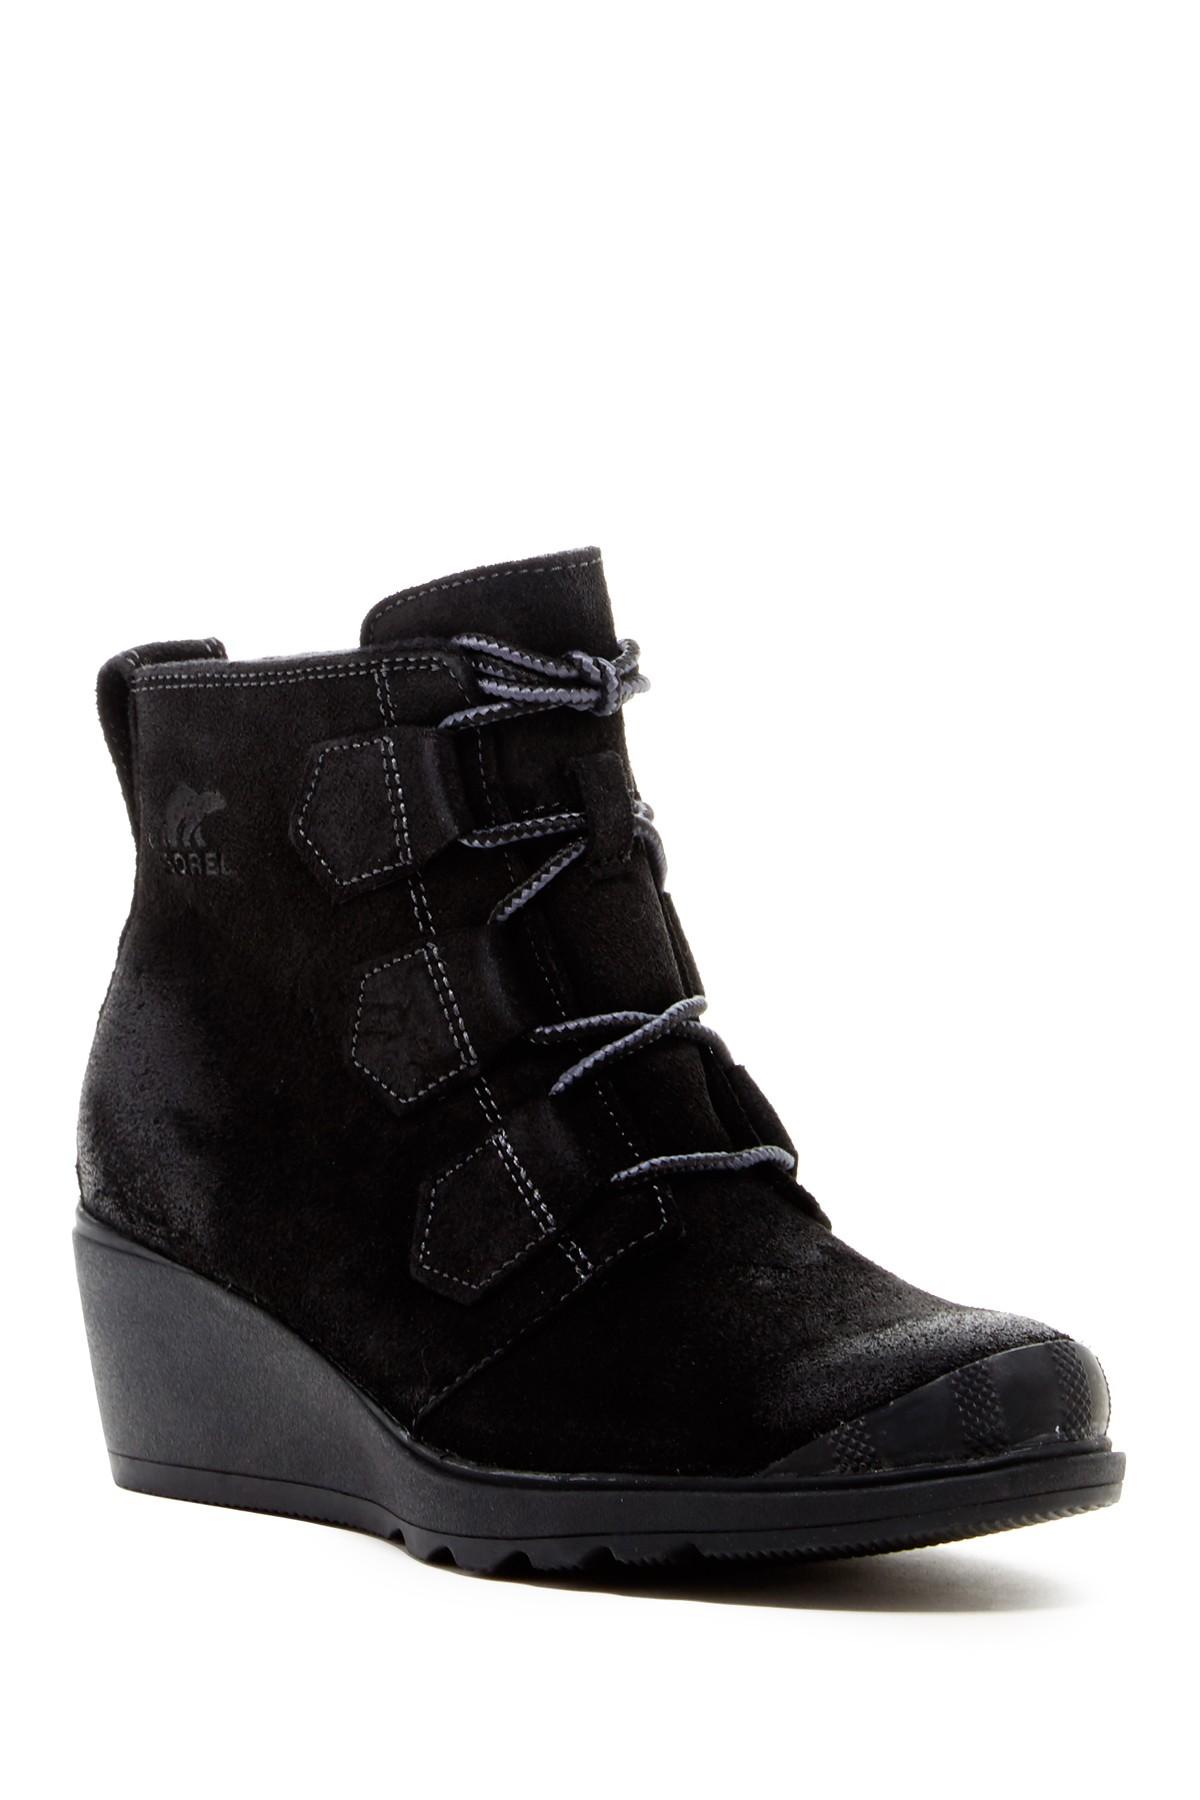 shop ugg boots cheap